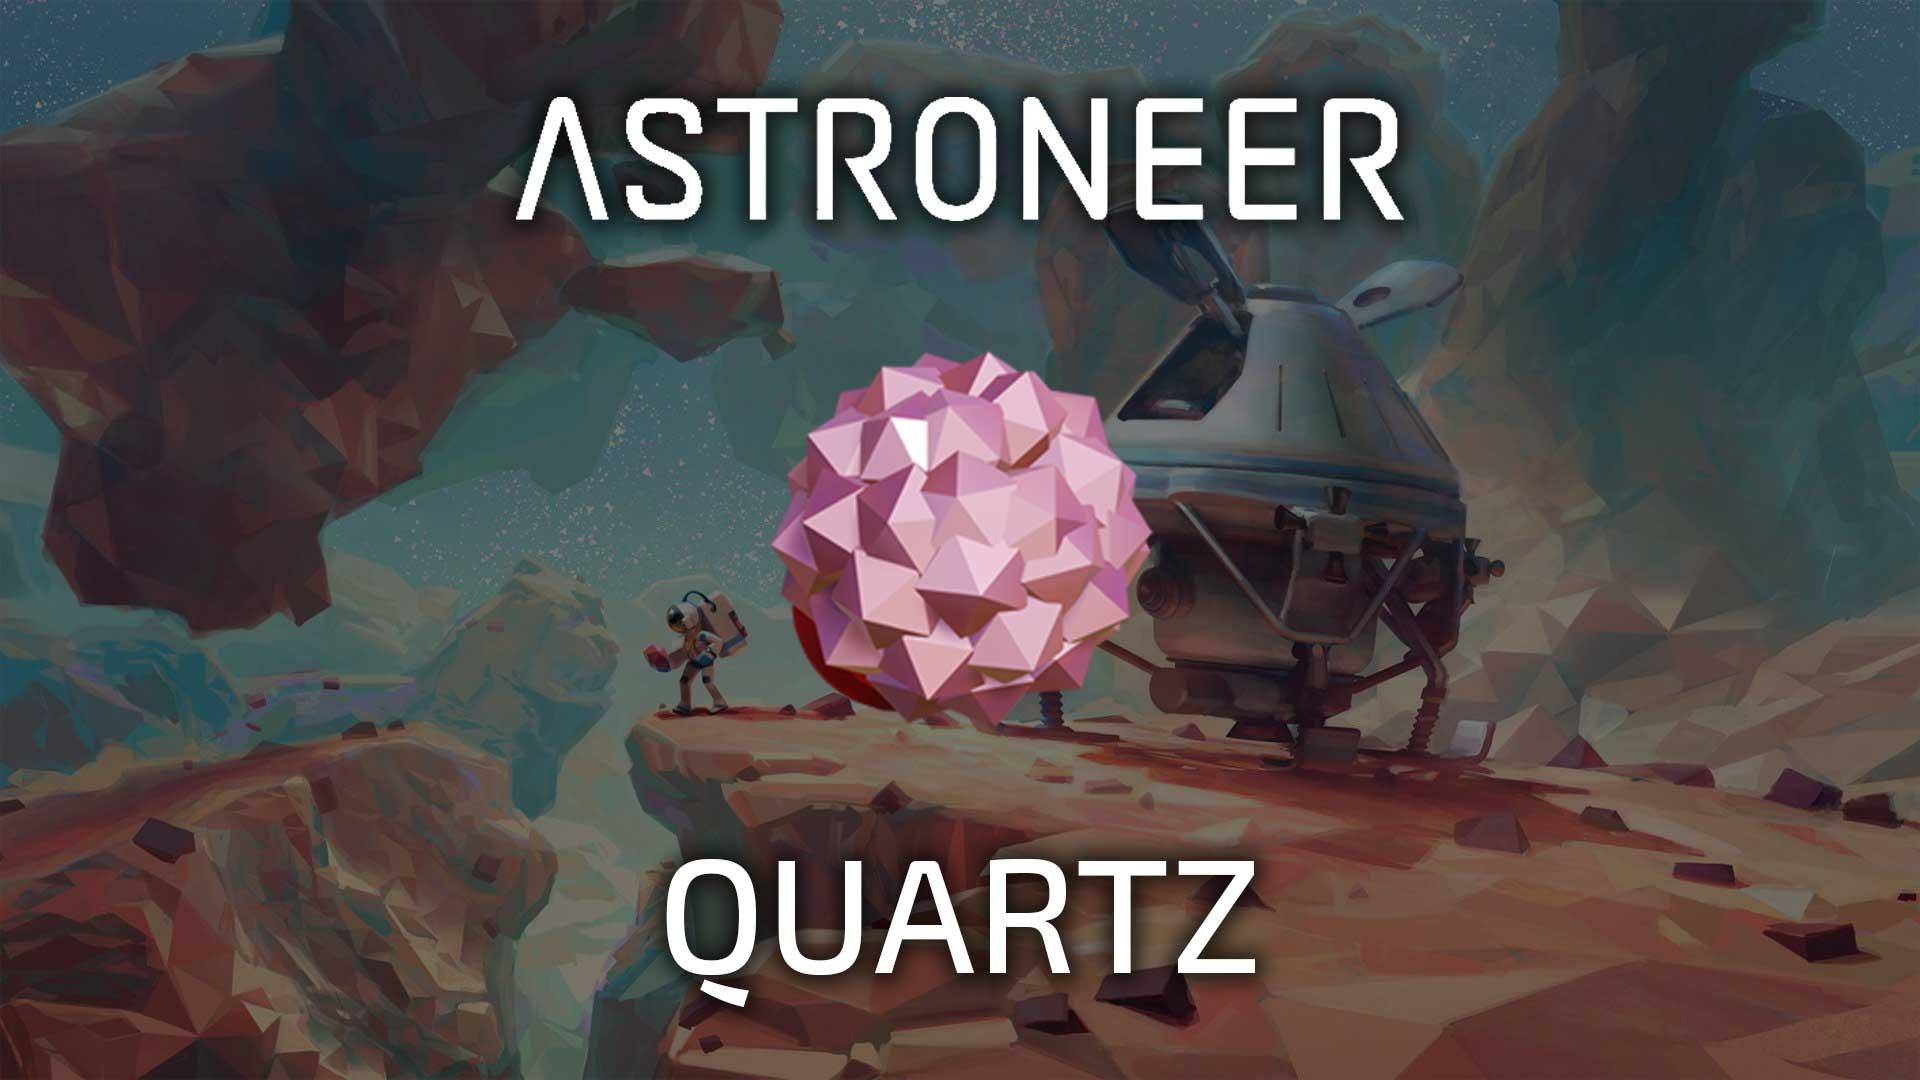 astroneer quartz